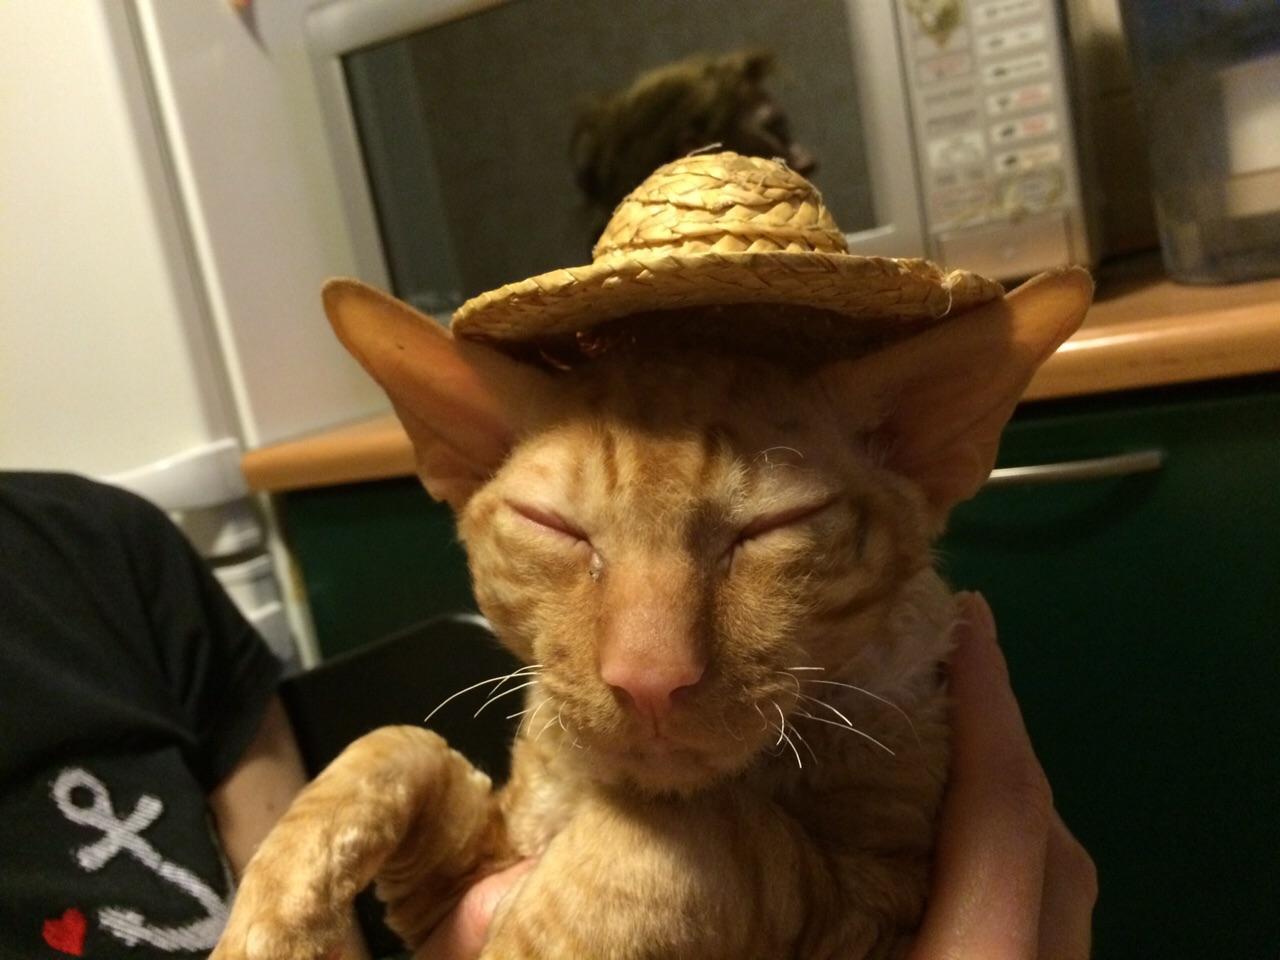 Выходя из дома не забывайте свои шляпы!. Блиц: кошки против собак